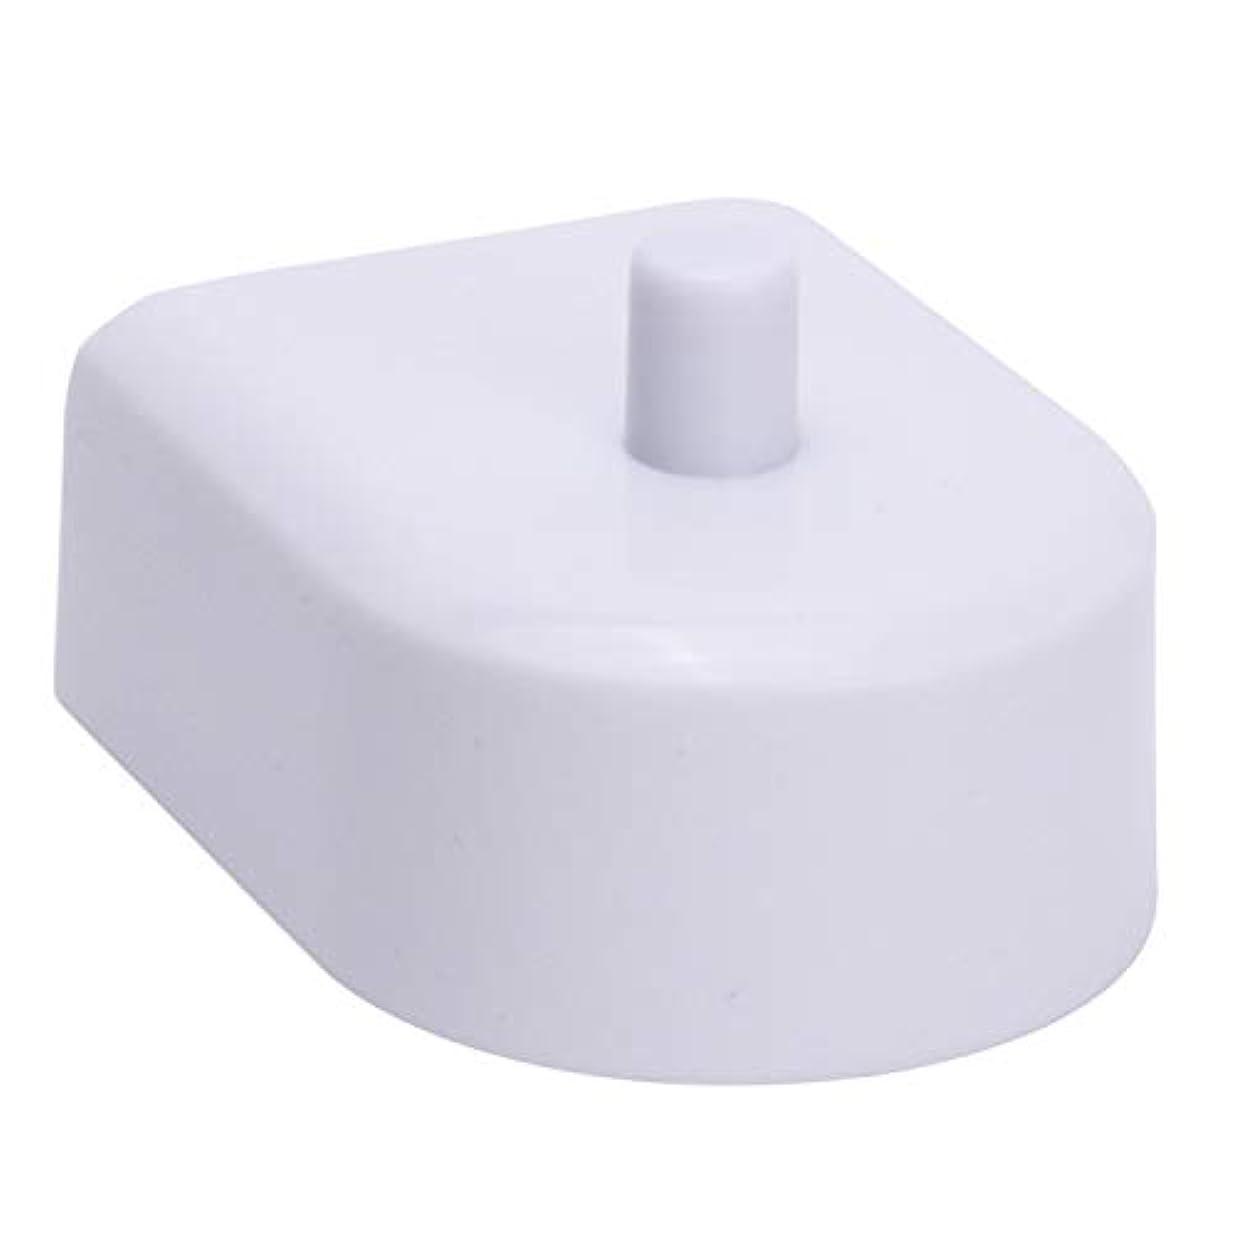 プレビスサイト該当する可能にするTamkyo 電動歯ブラシ充電器充電クレードル電動歯ブラシヘッドホルダーUSB充電器 OralB D12 D20 D17 D18 D29 D34 Oc18用